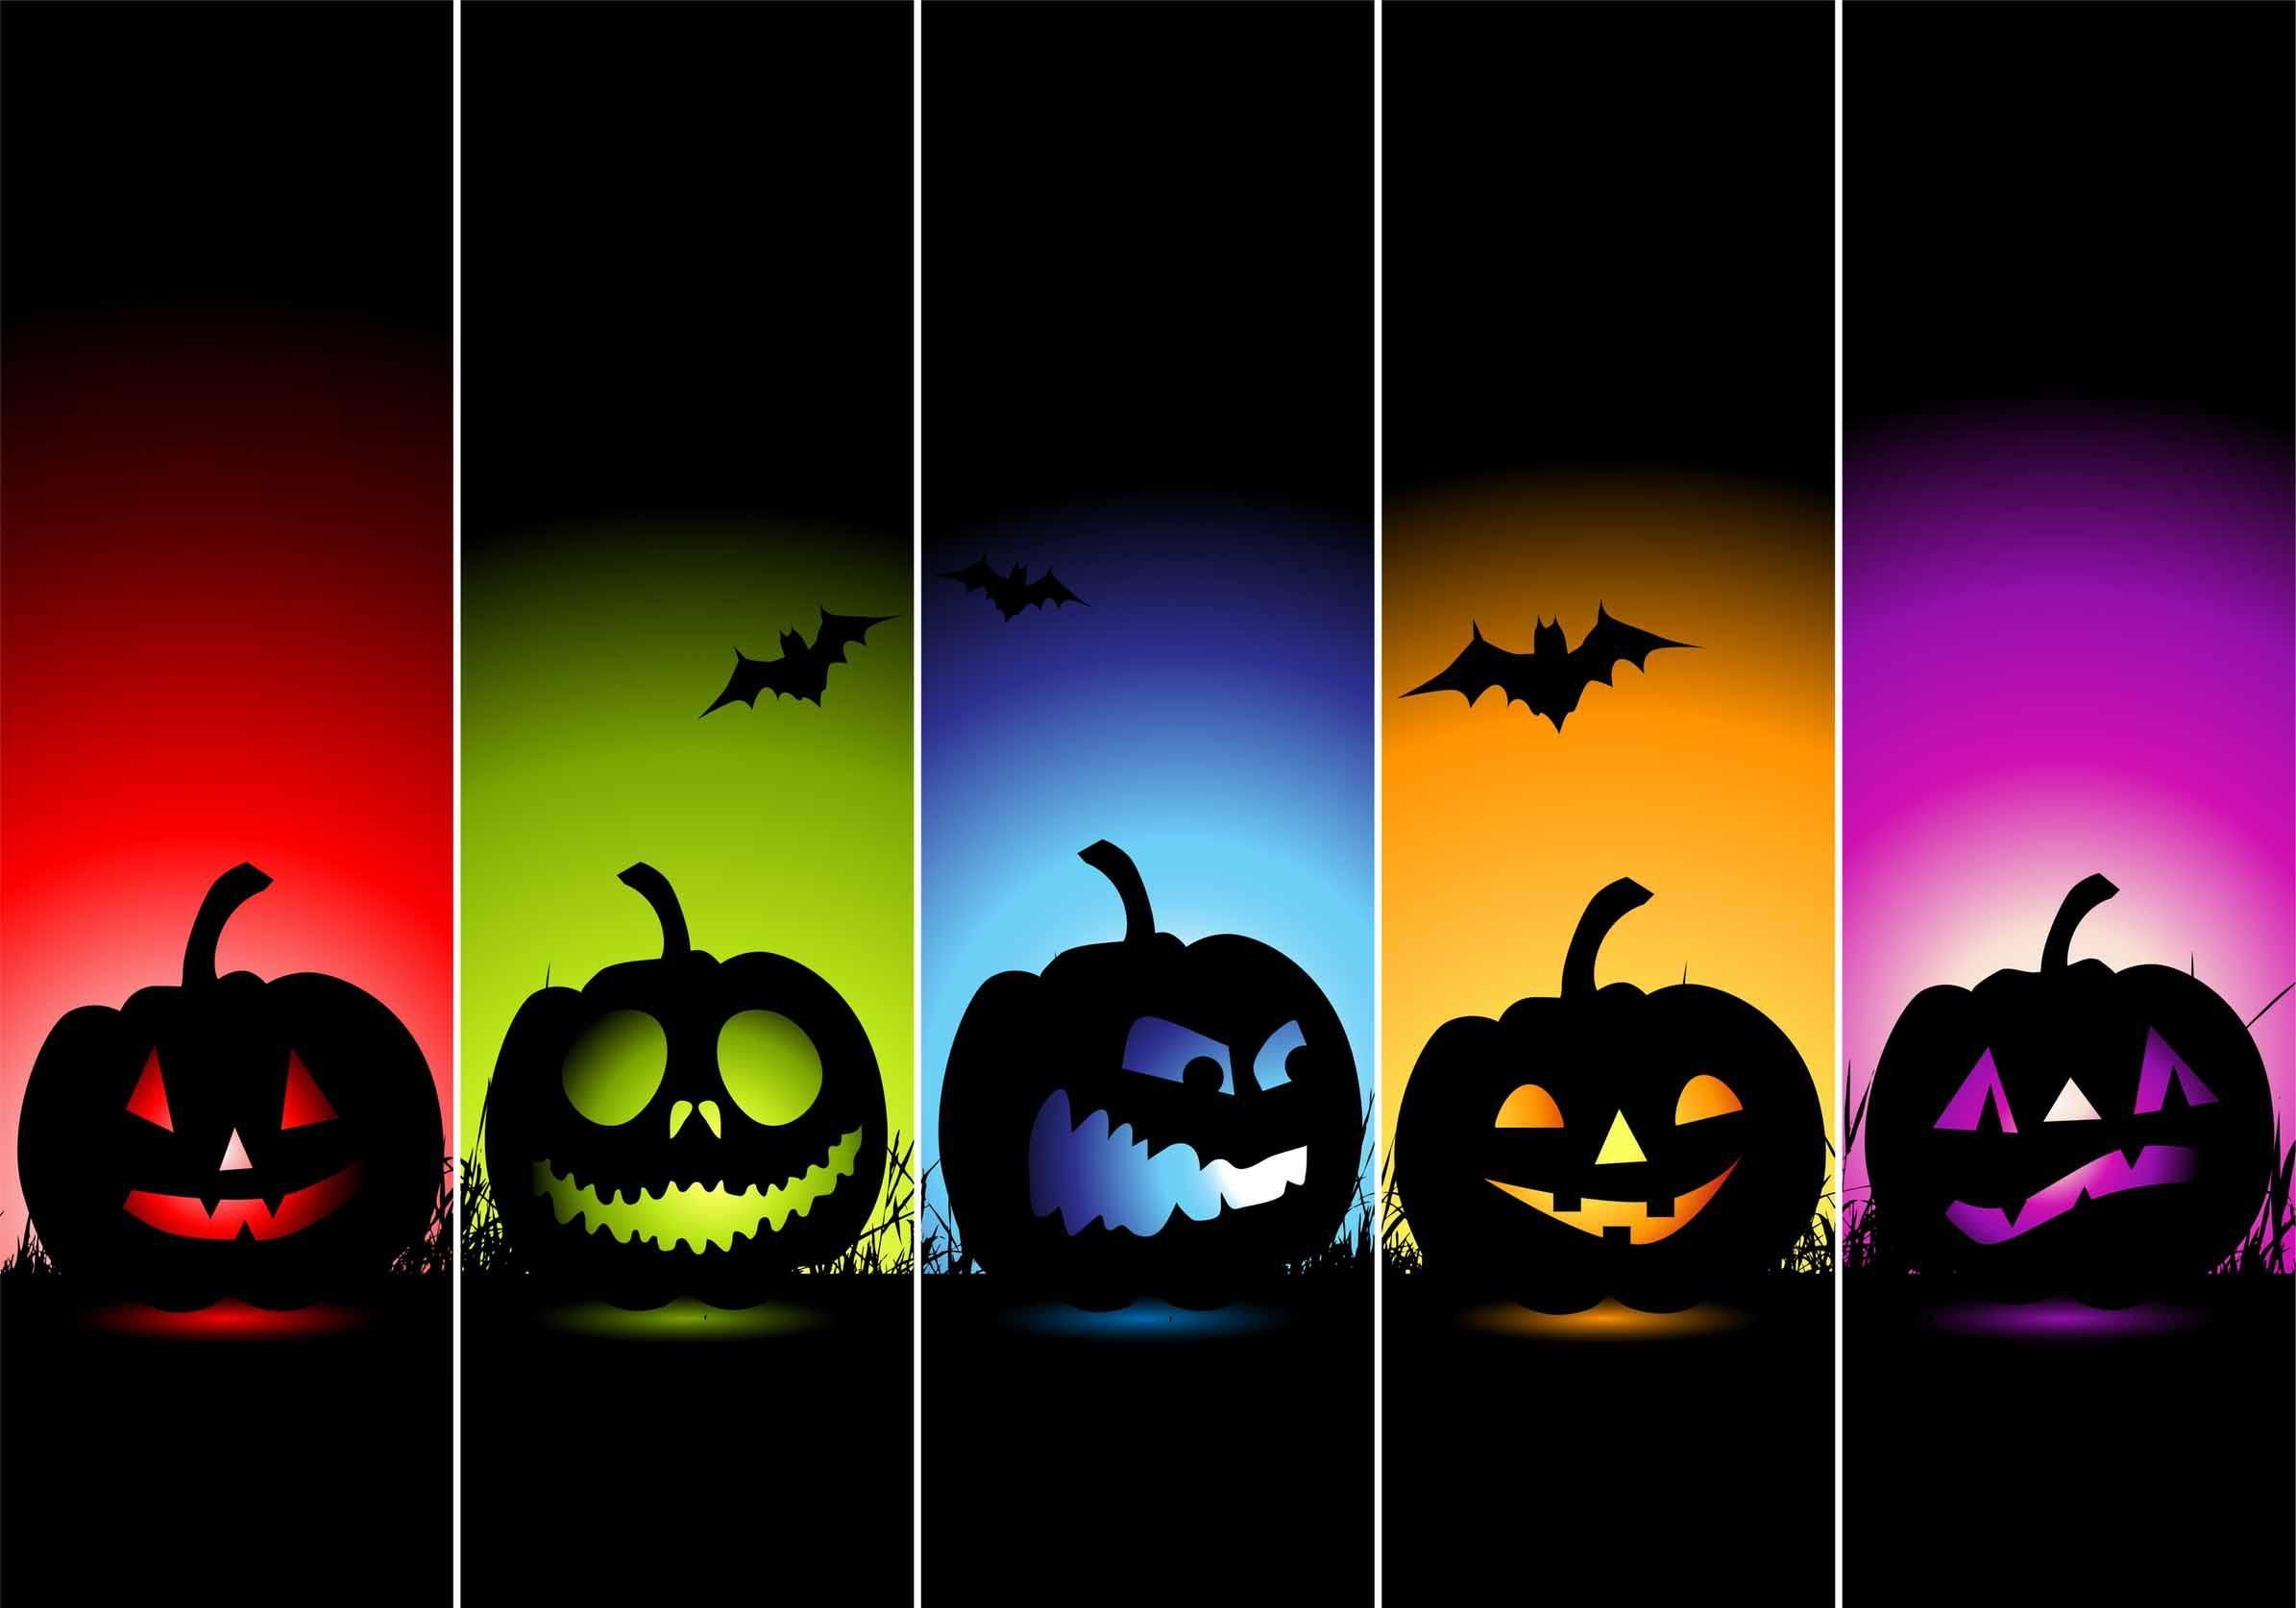 Halloween 3d Halloween Facebook Cover Halloween Wallpaper Halloween Images